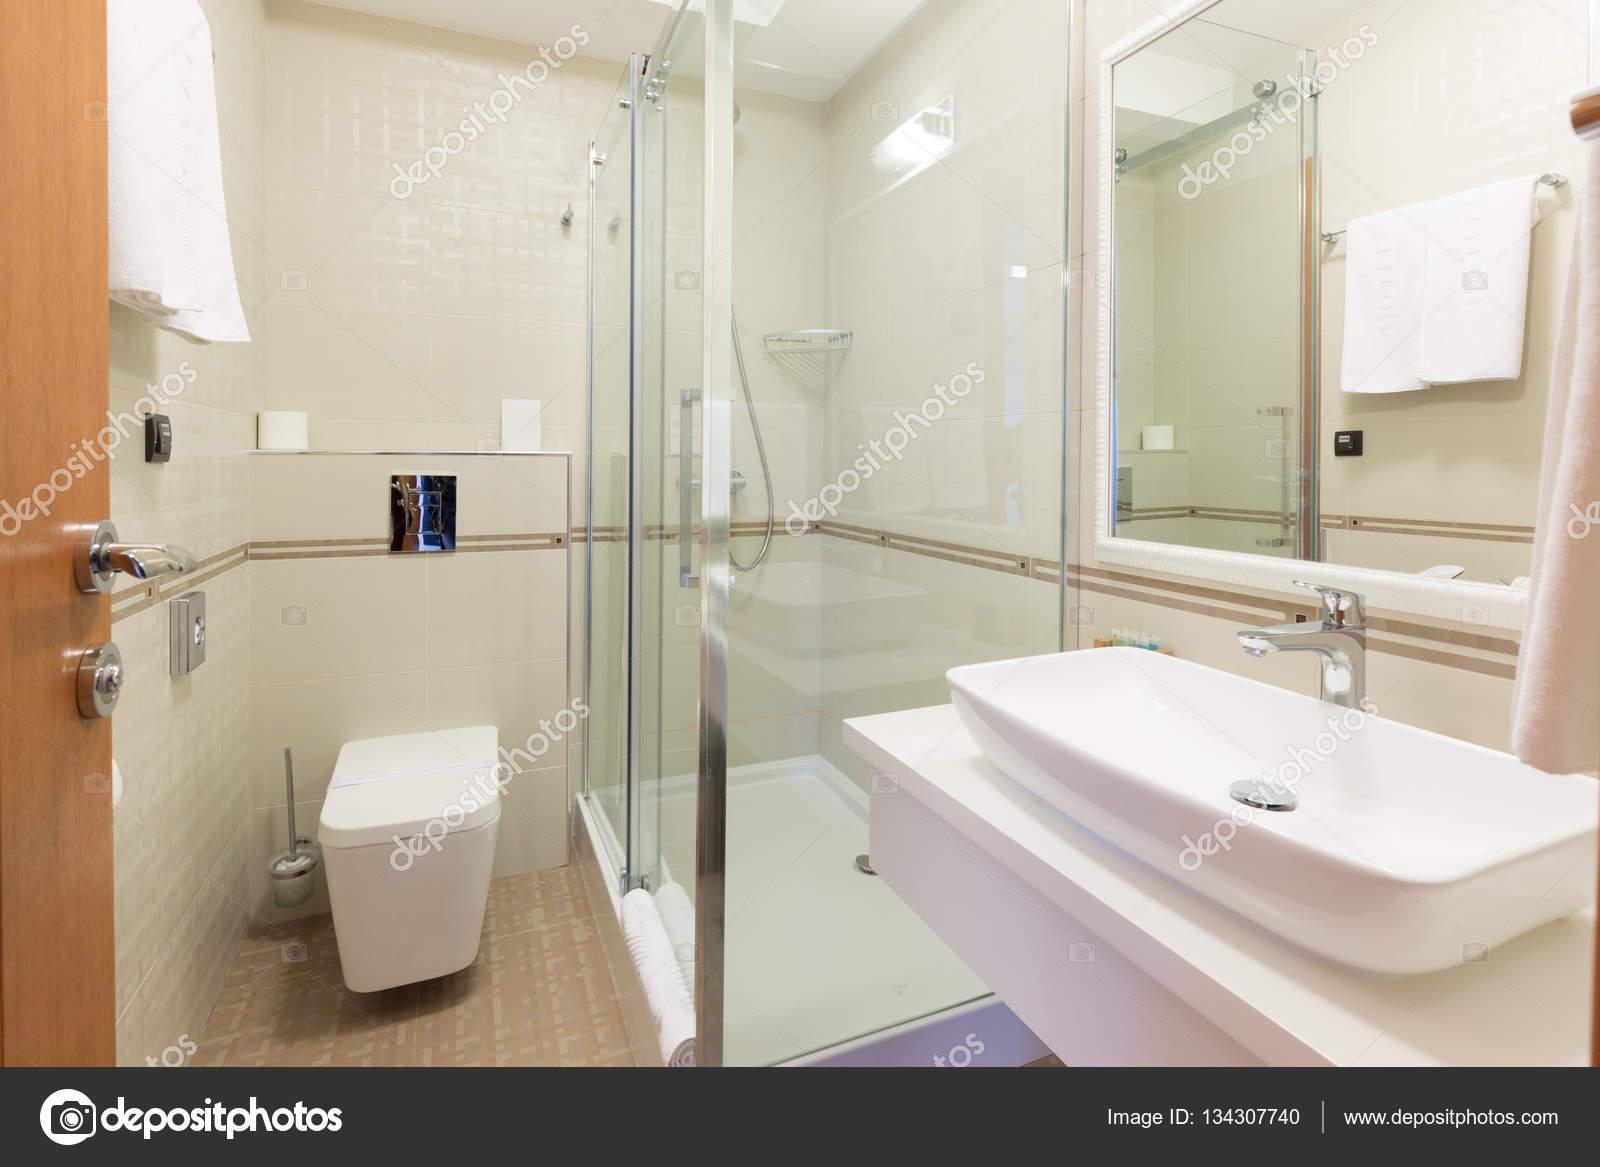 interieur van een hotel badkamer — Stockfoto © rilueda #134307740